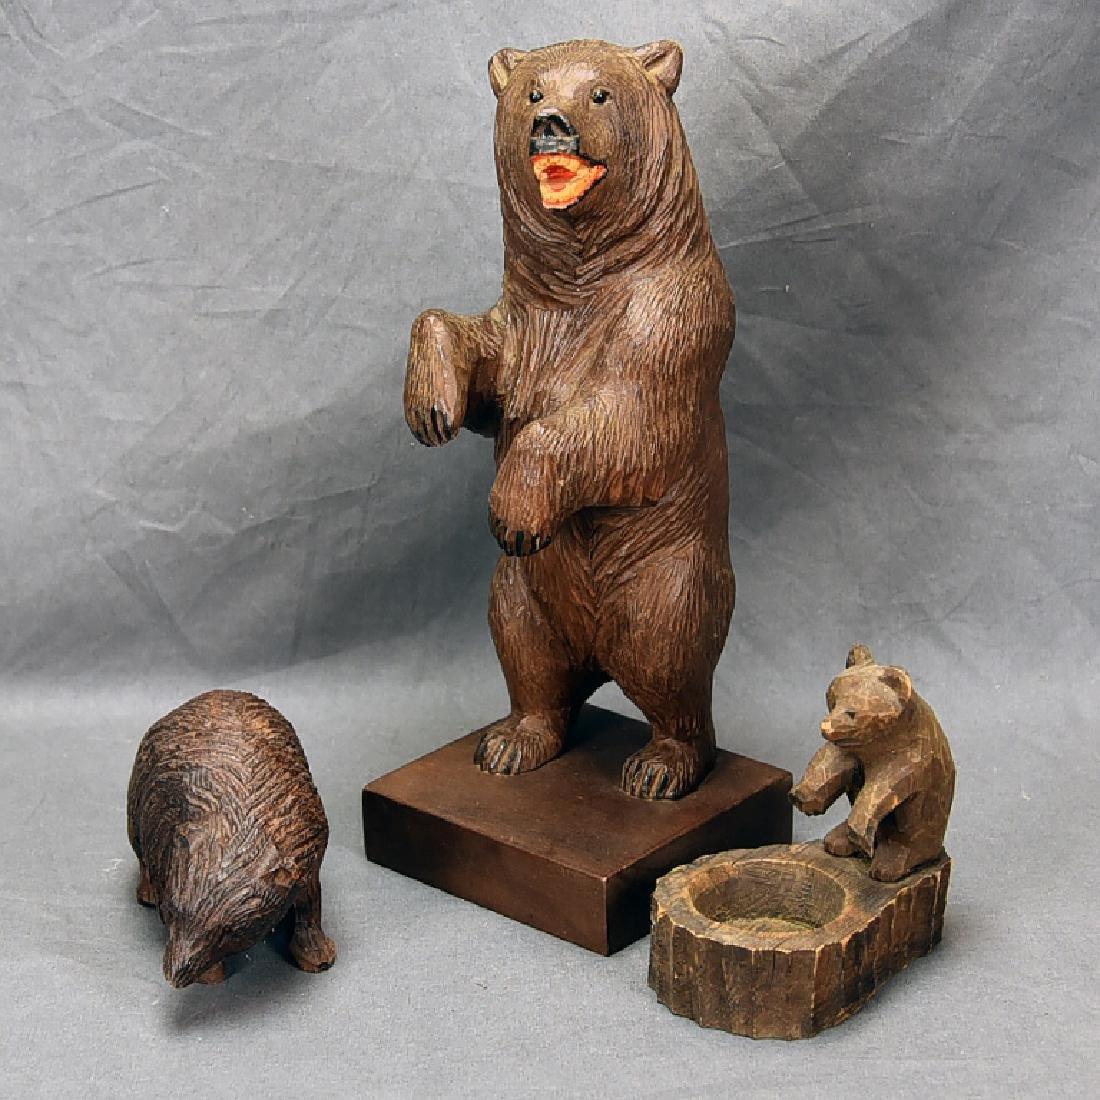 3 Vintage Carved Wooden Bears